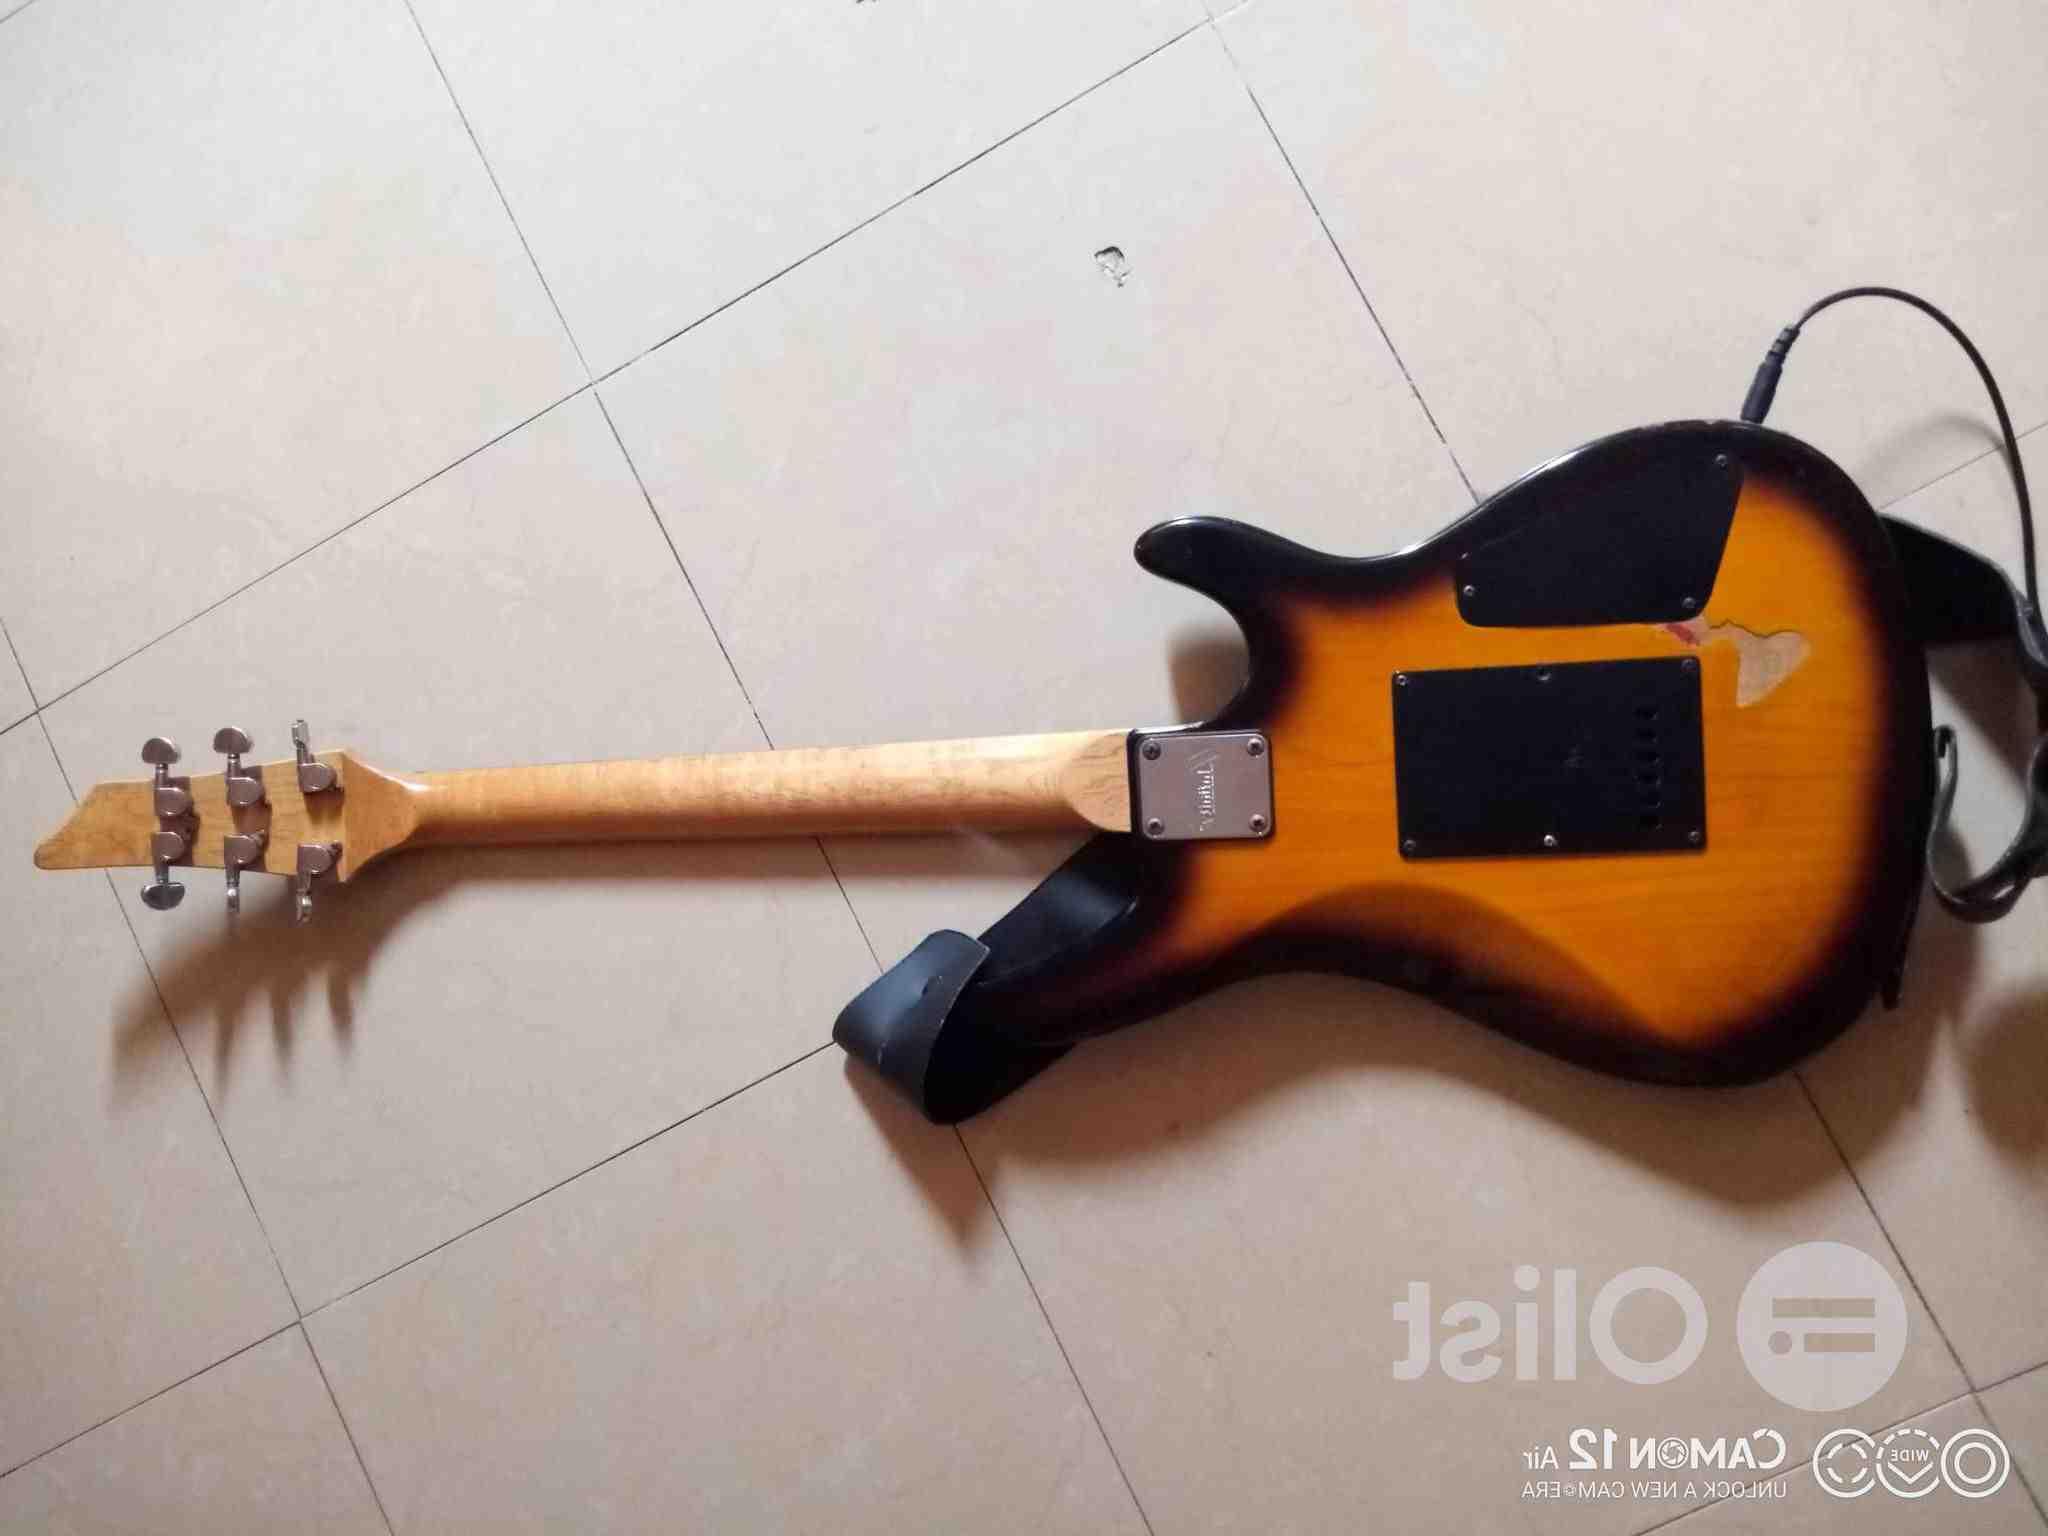 Comment savoir si c'est une bonne guitare ?